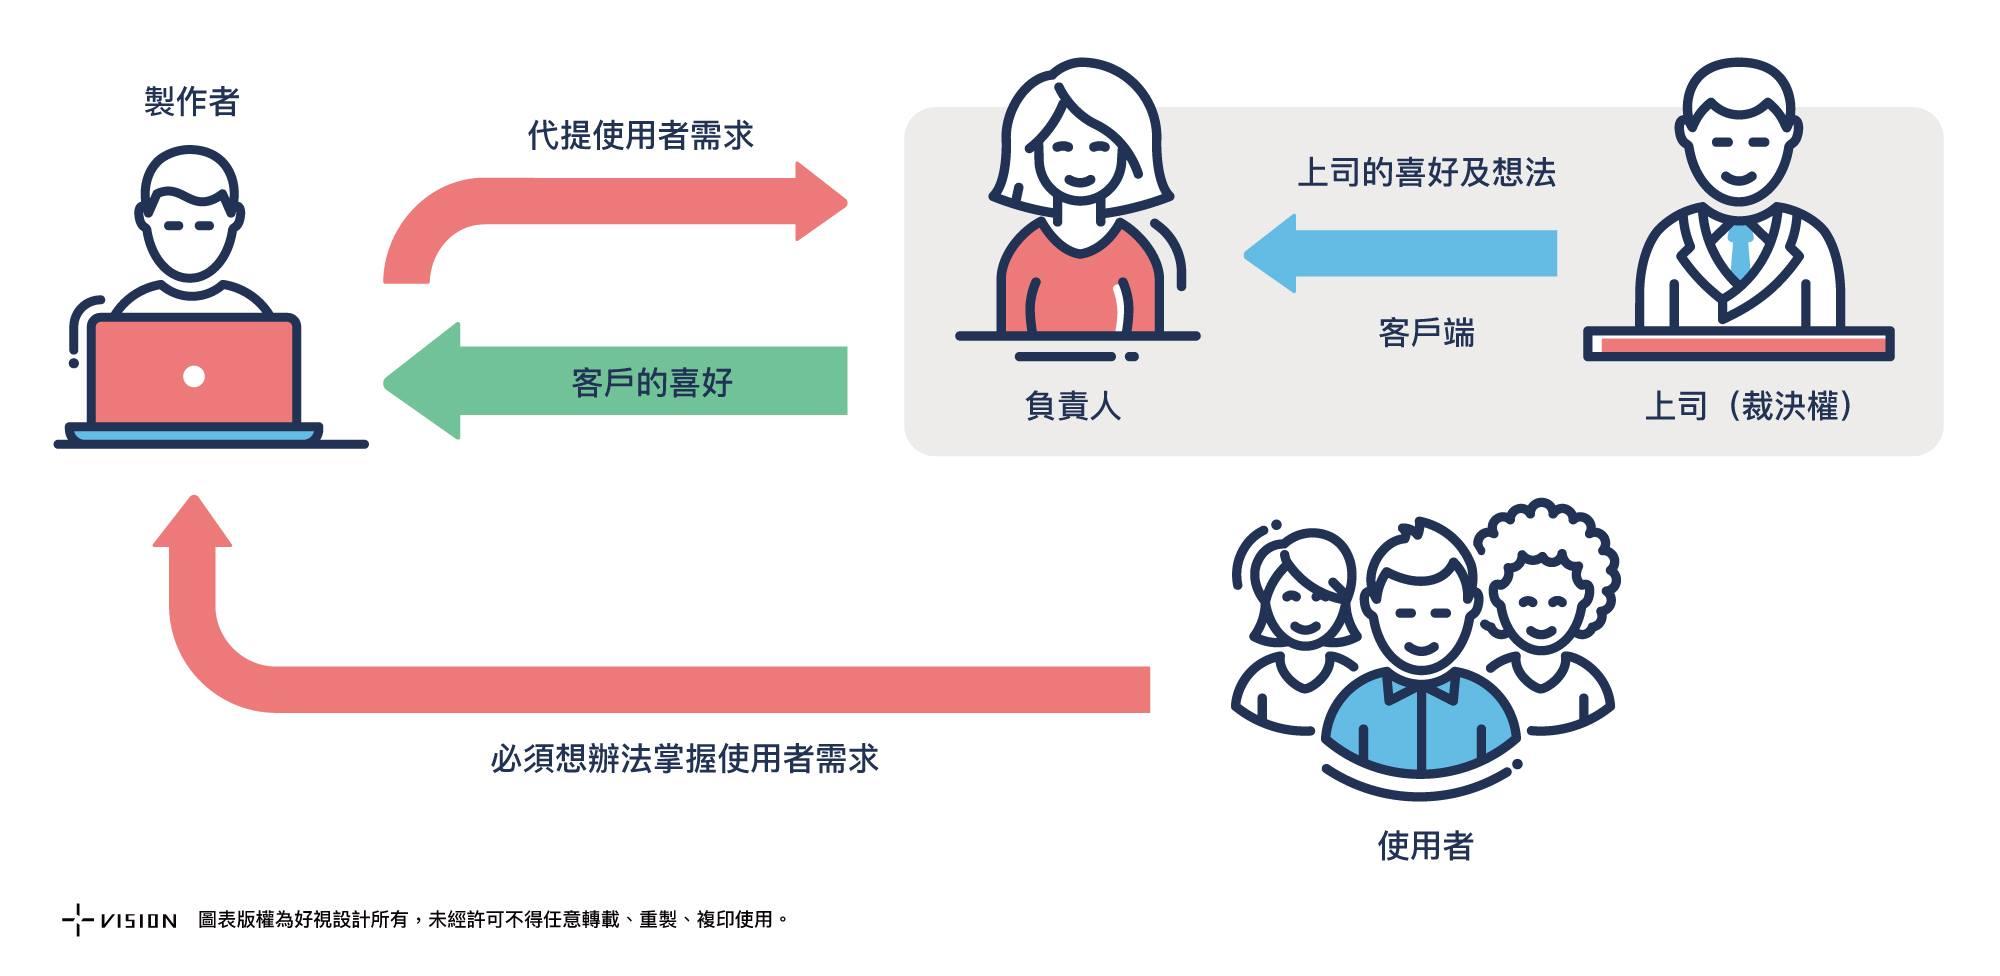 承辦業務人員的政府網站專案溝通心法